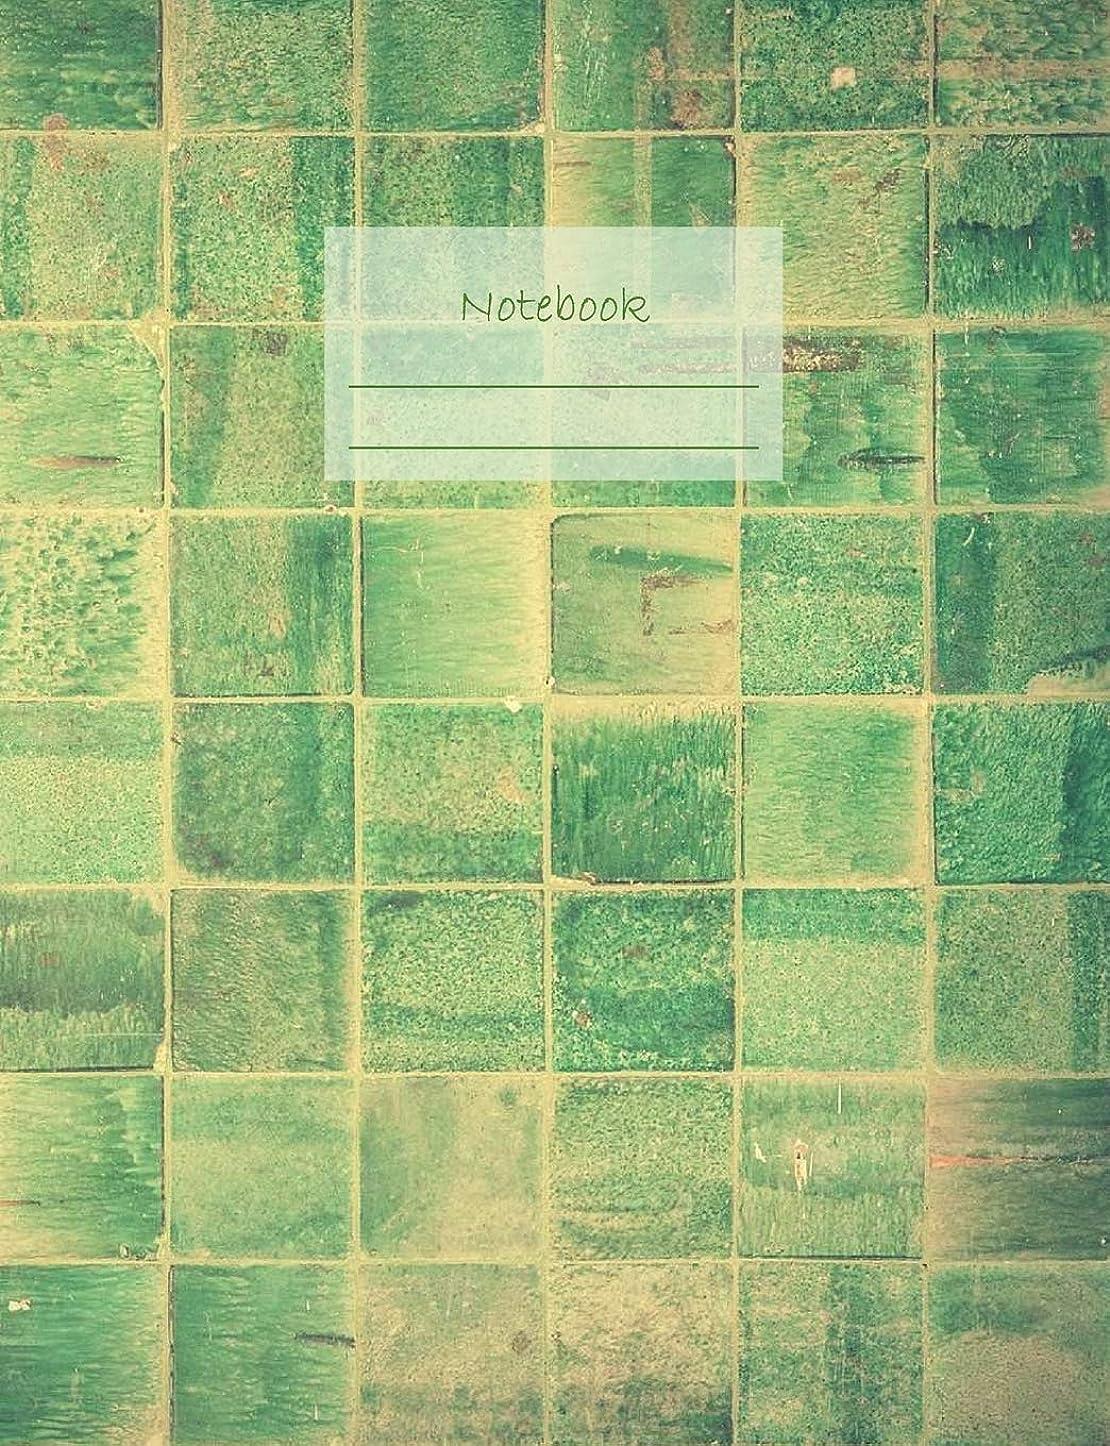 """コマンド同盟協定Notebook: Composition Notebook. College ruled with soft matte cover. 120 Pages. Perfect for school notes, Ideal as a Journal or a Diary. 9.69"""" x 7.44"""". Great gift idea. (Green tiles cover)."""